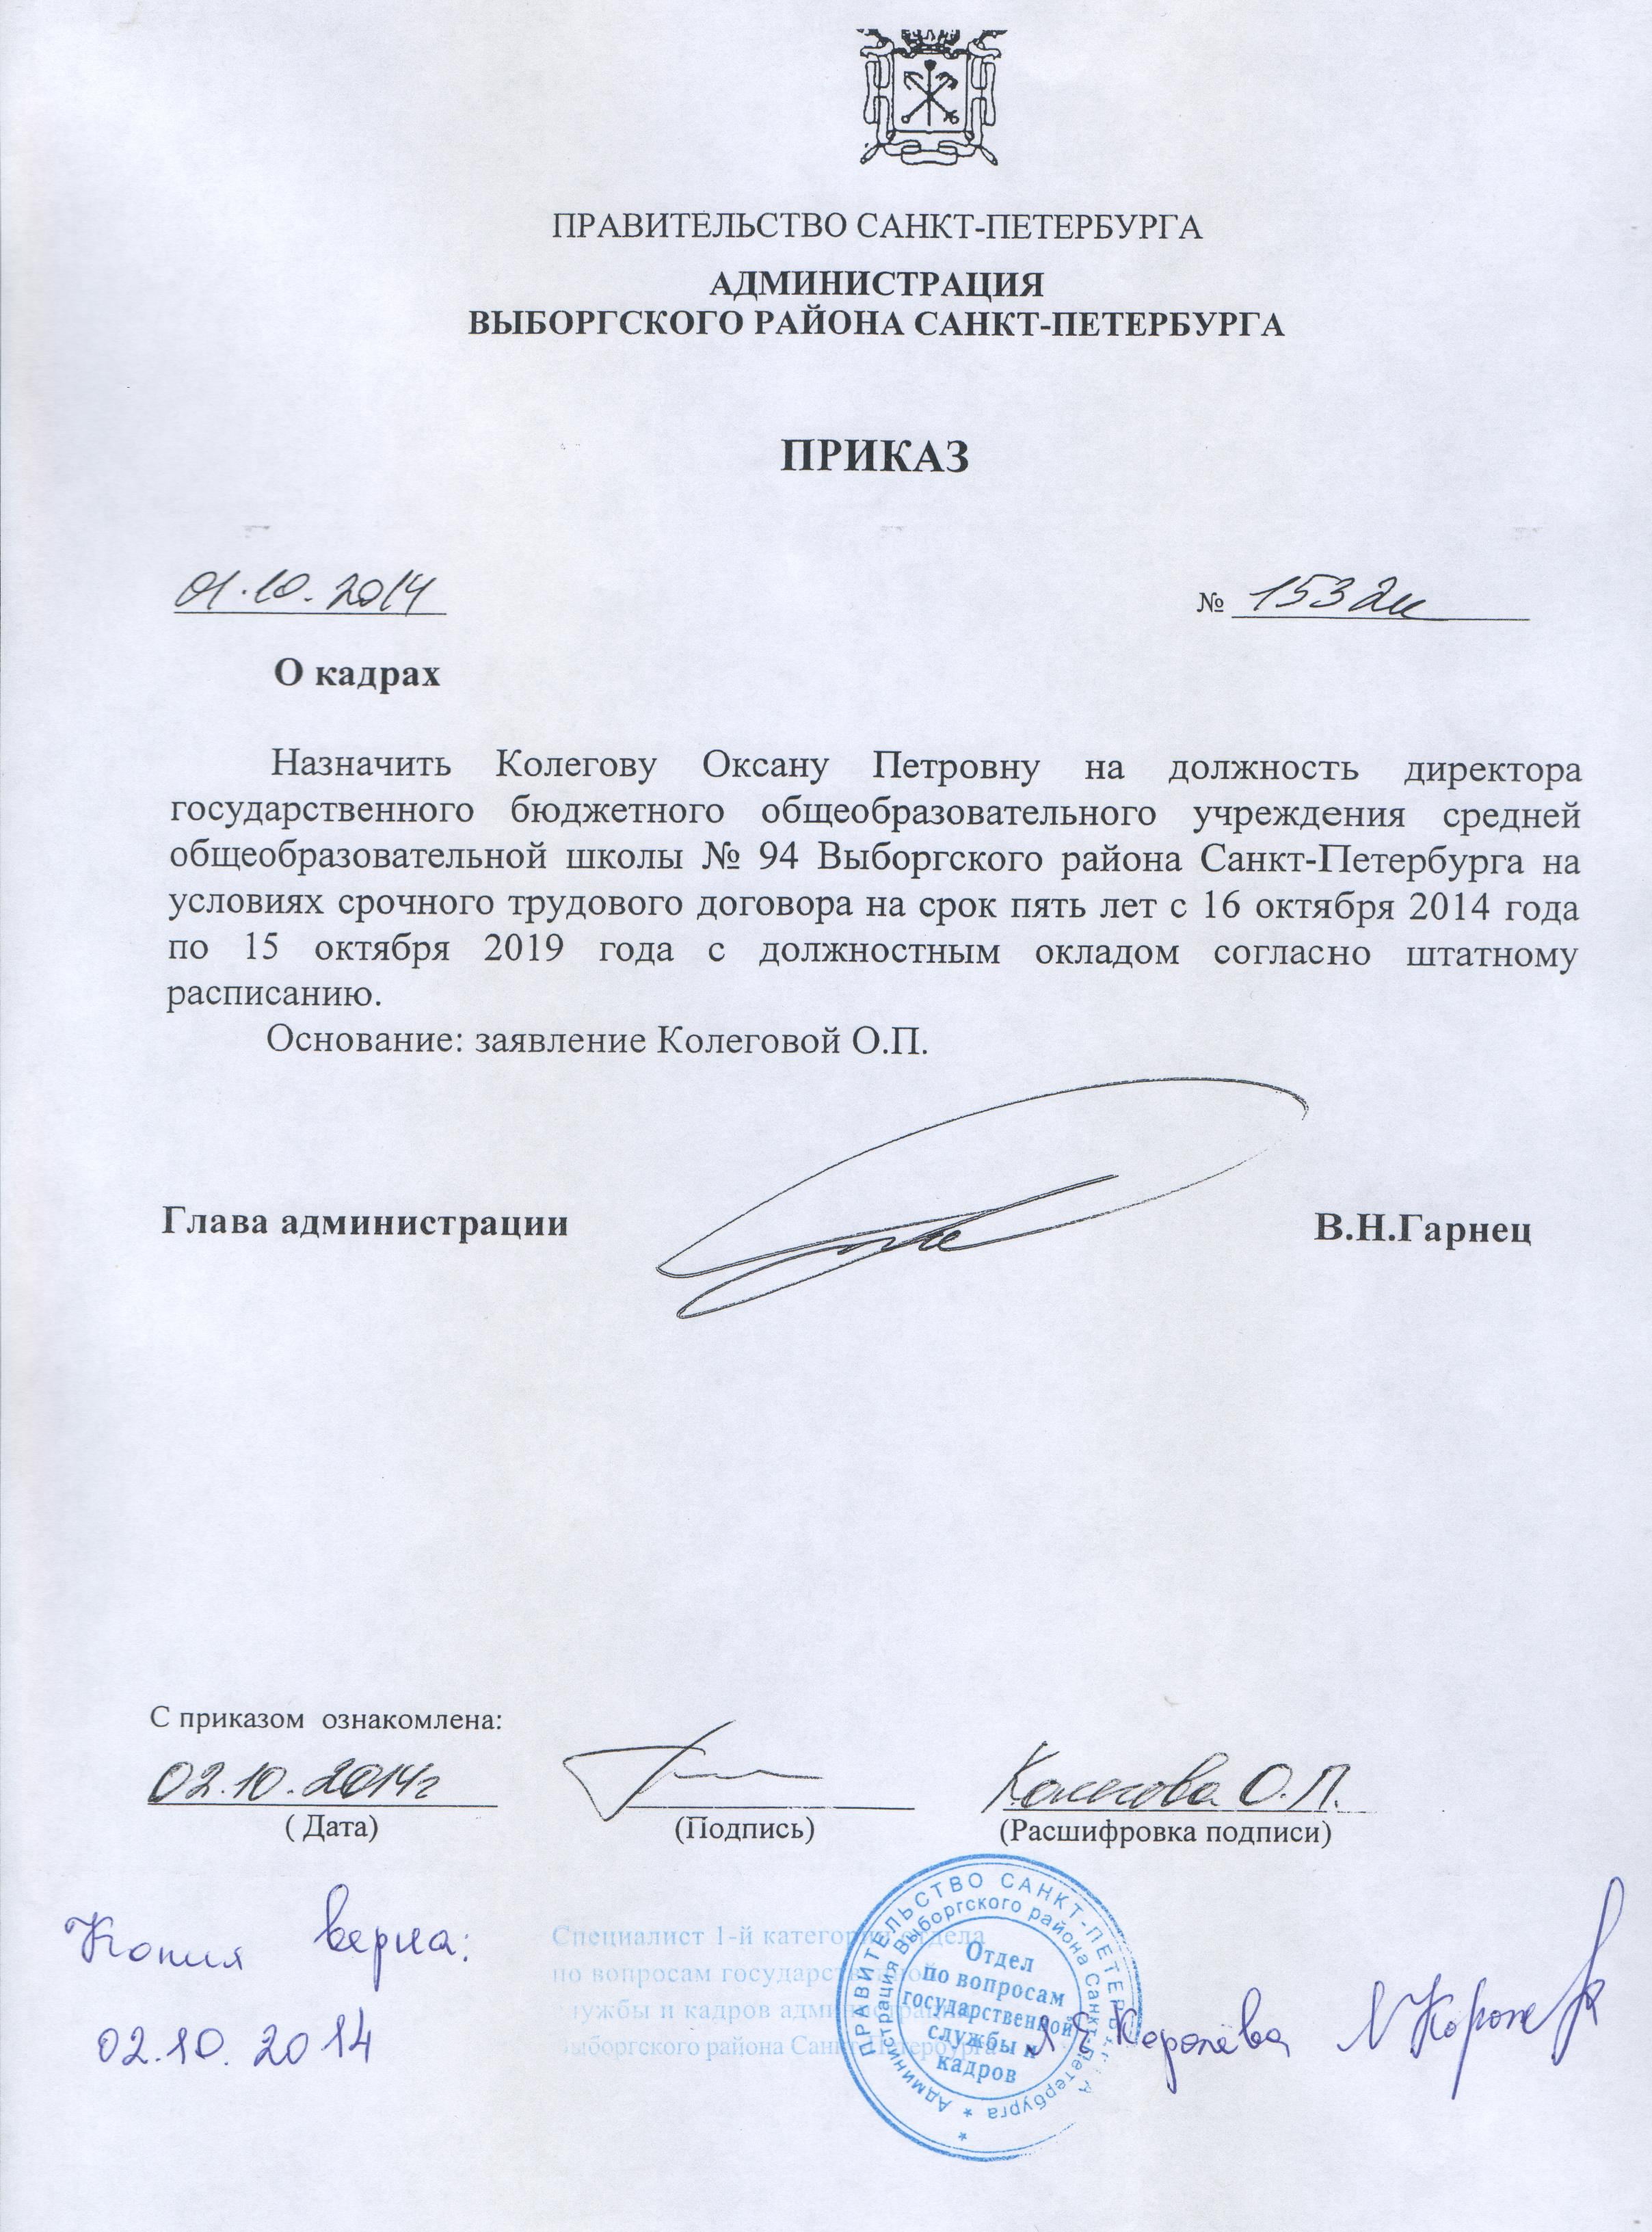 Поздравления о назначении на должность главного врача